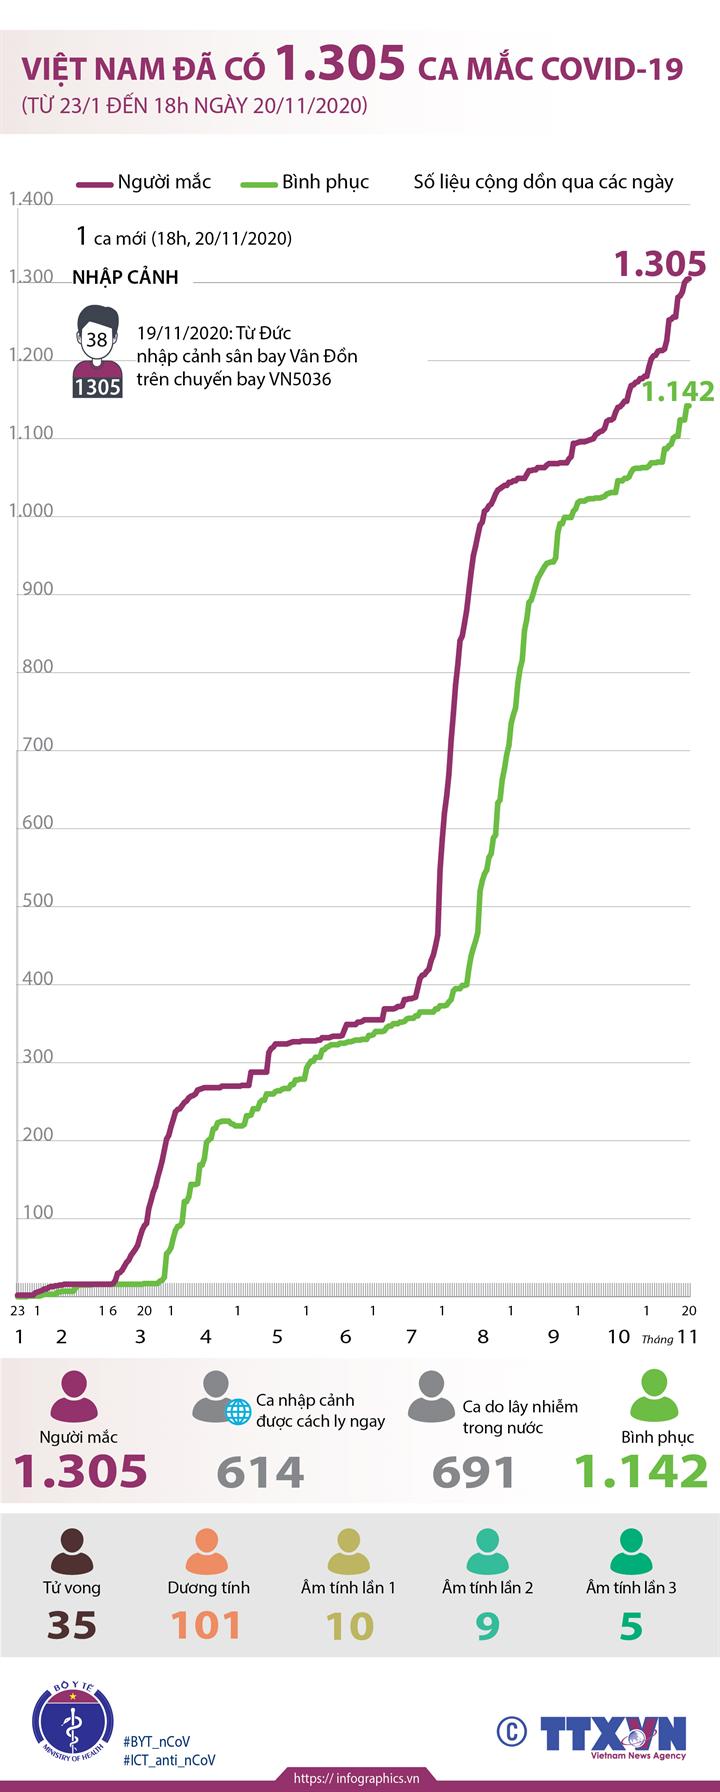 Việt Nam đã có 1.305 ca mắc COVID-19 (từ 23/1 đến 18h ngày 20/11/2020)